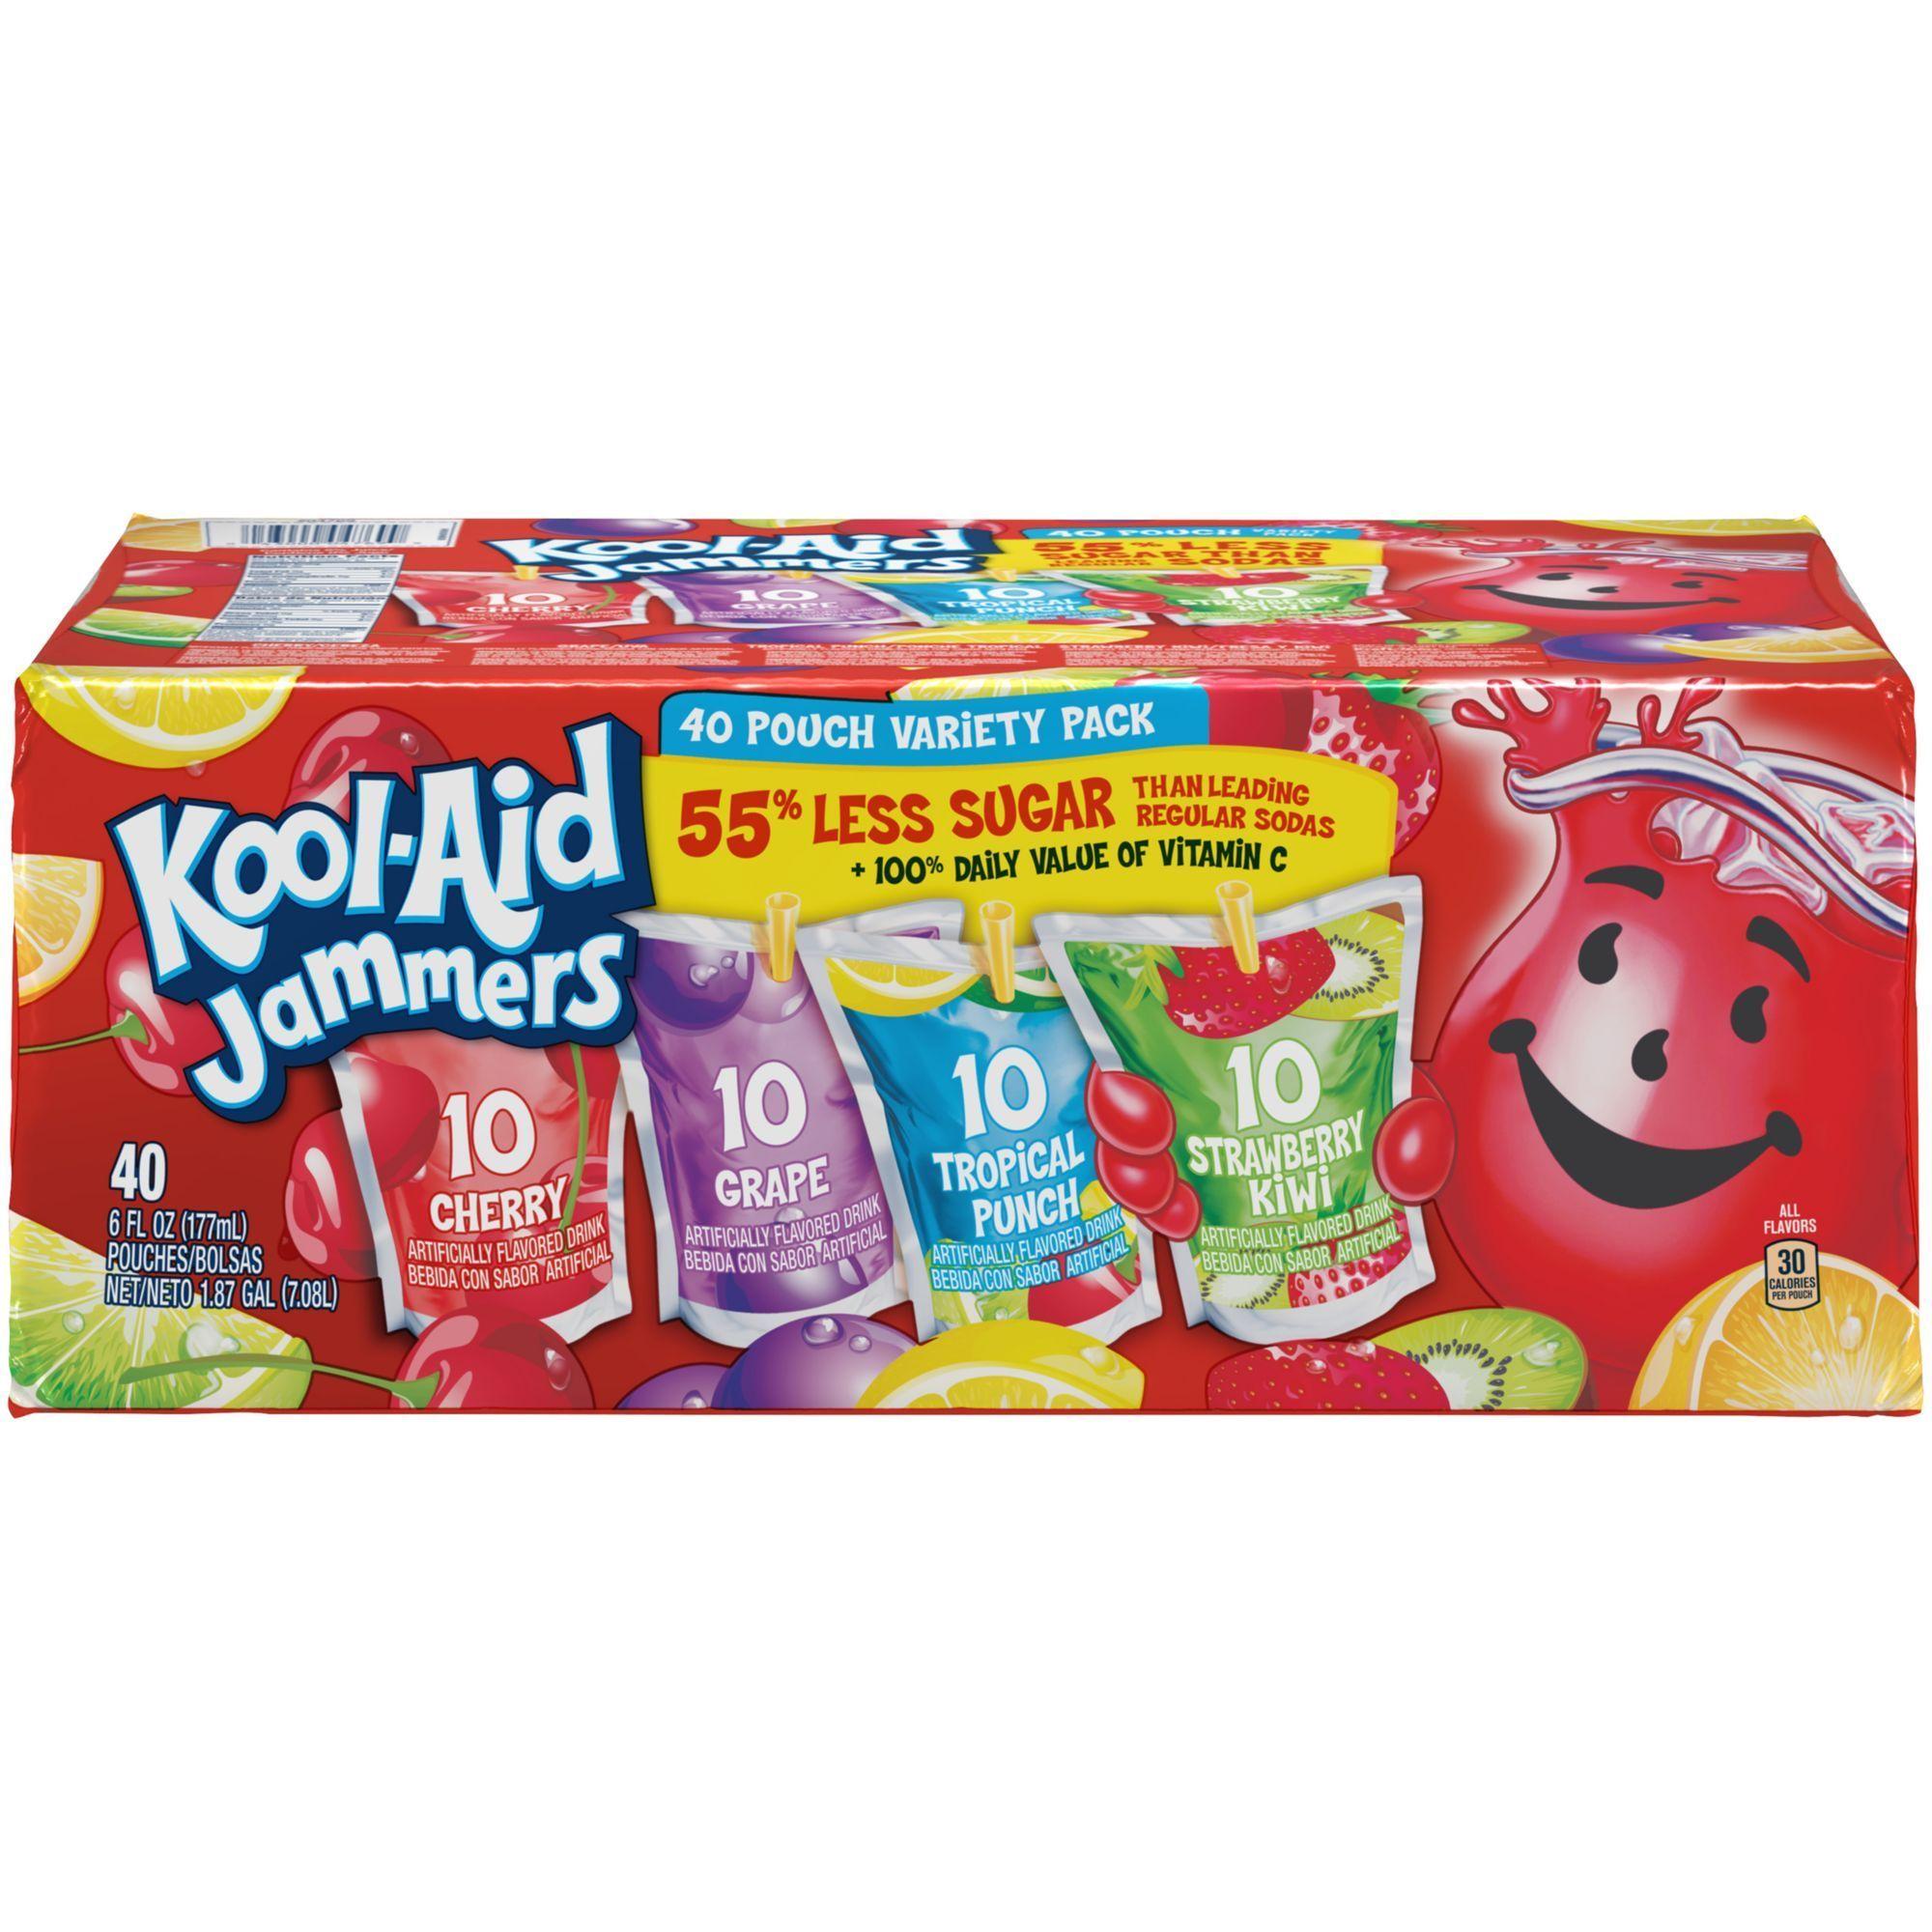 Kool Aid Jammers 40 Pk 6 Oz In 2021 Kool Aid Kool Aid Flavors Tropical Punch